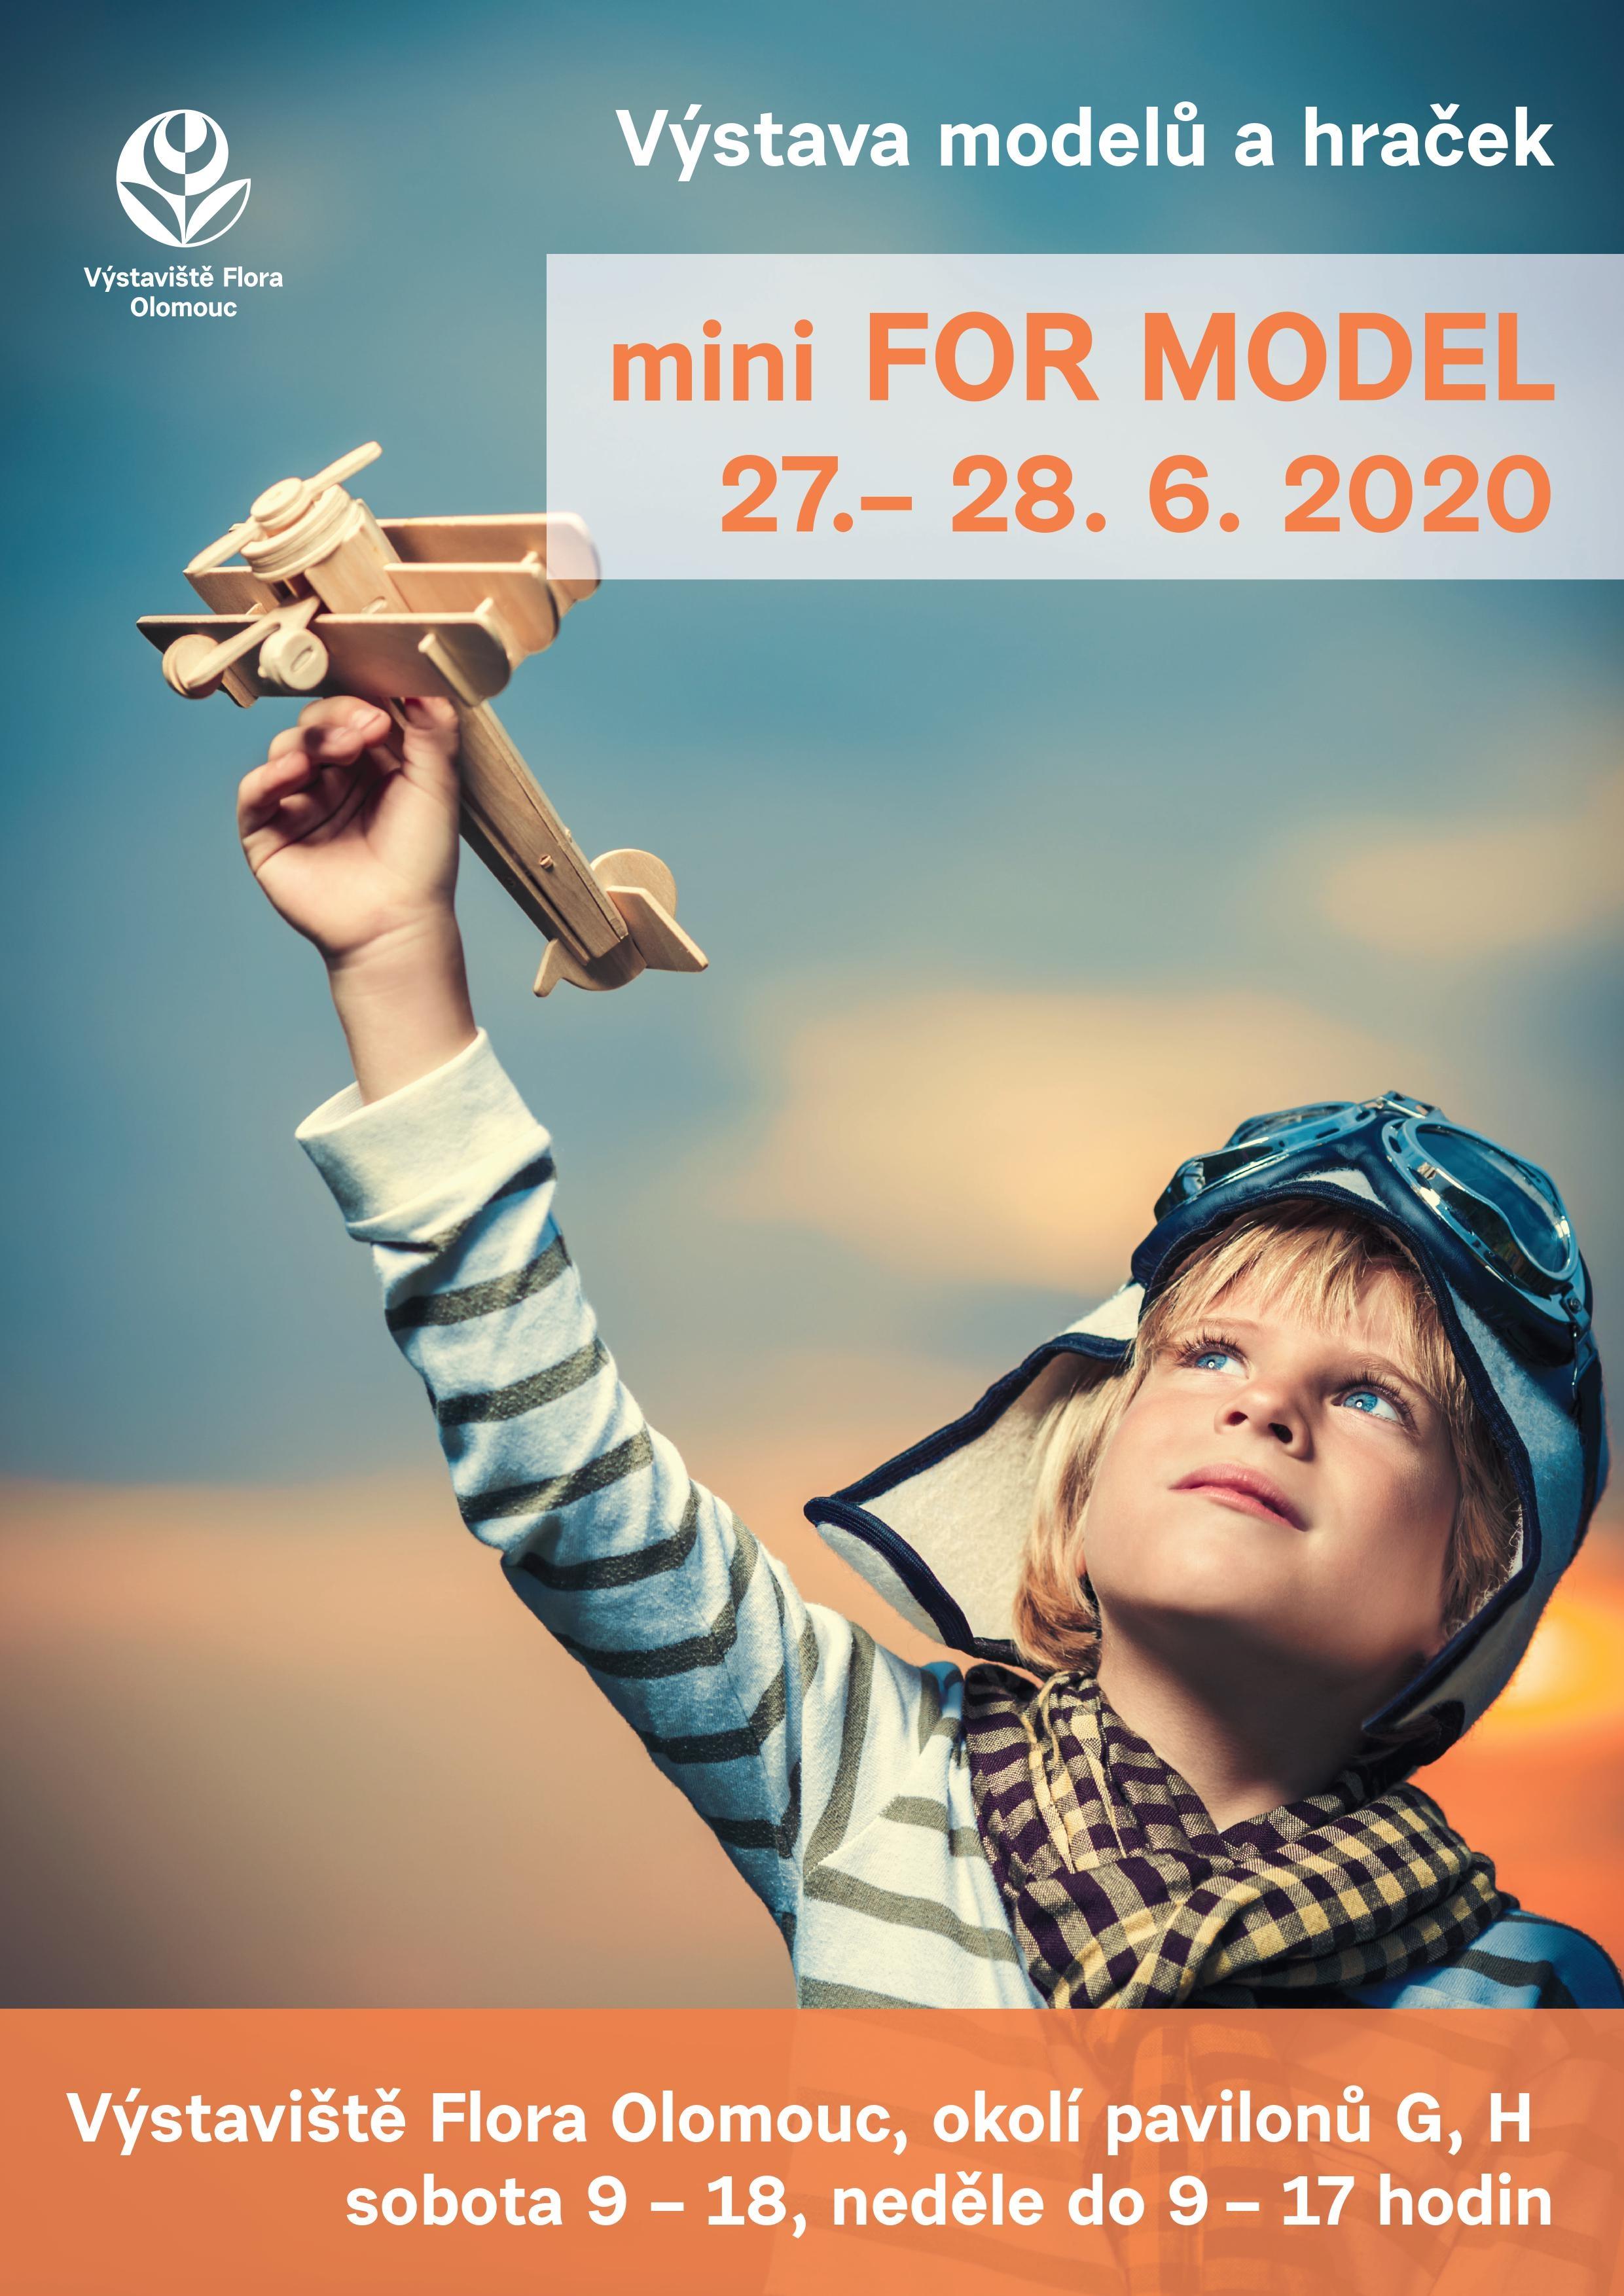 mini FOR MODEL plakát zdroj: K. Buchtová